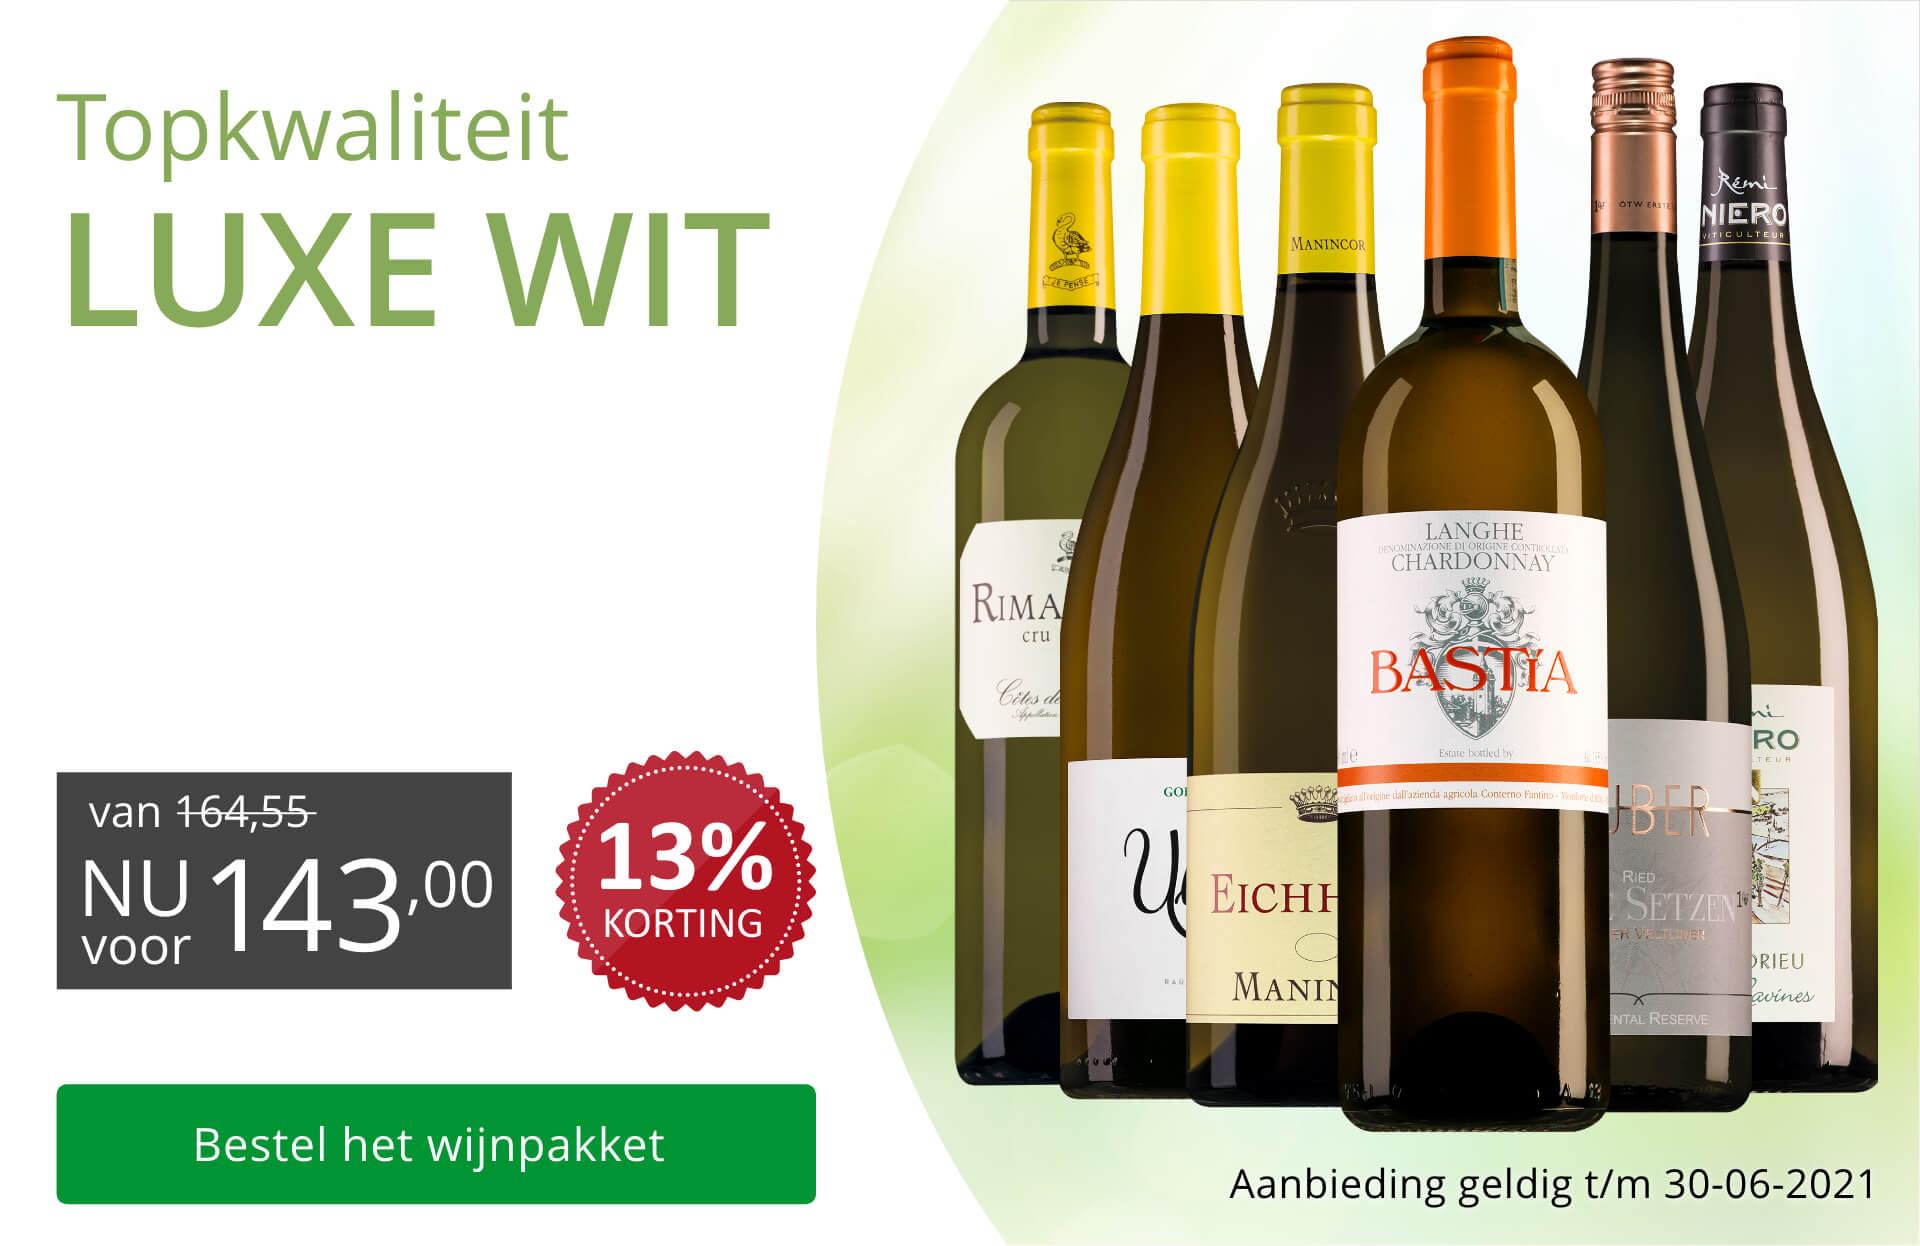 Wijnpakket Luxe witte wijnen(143,00)